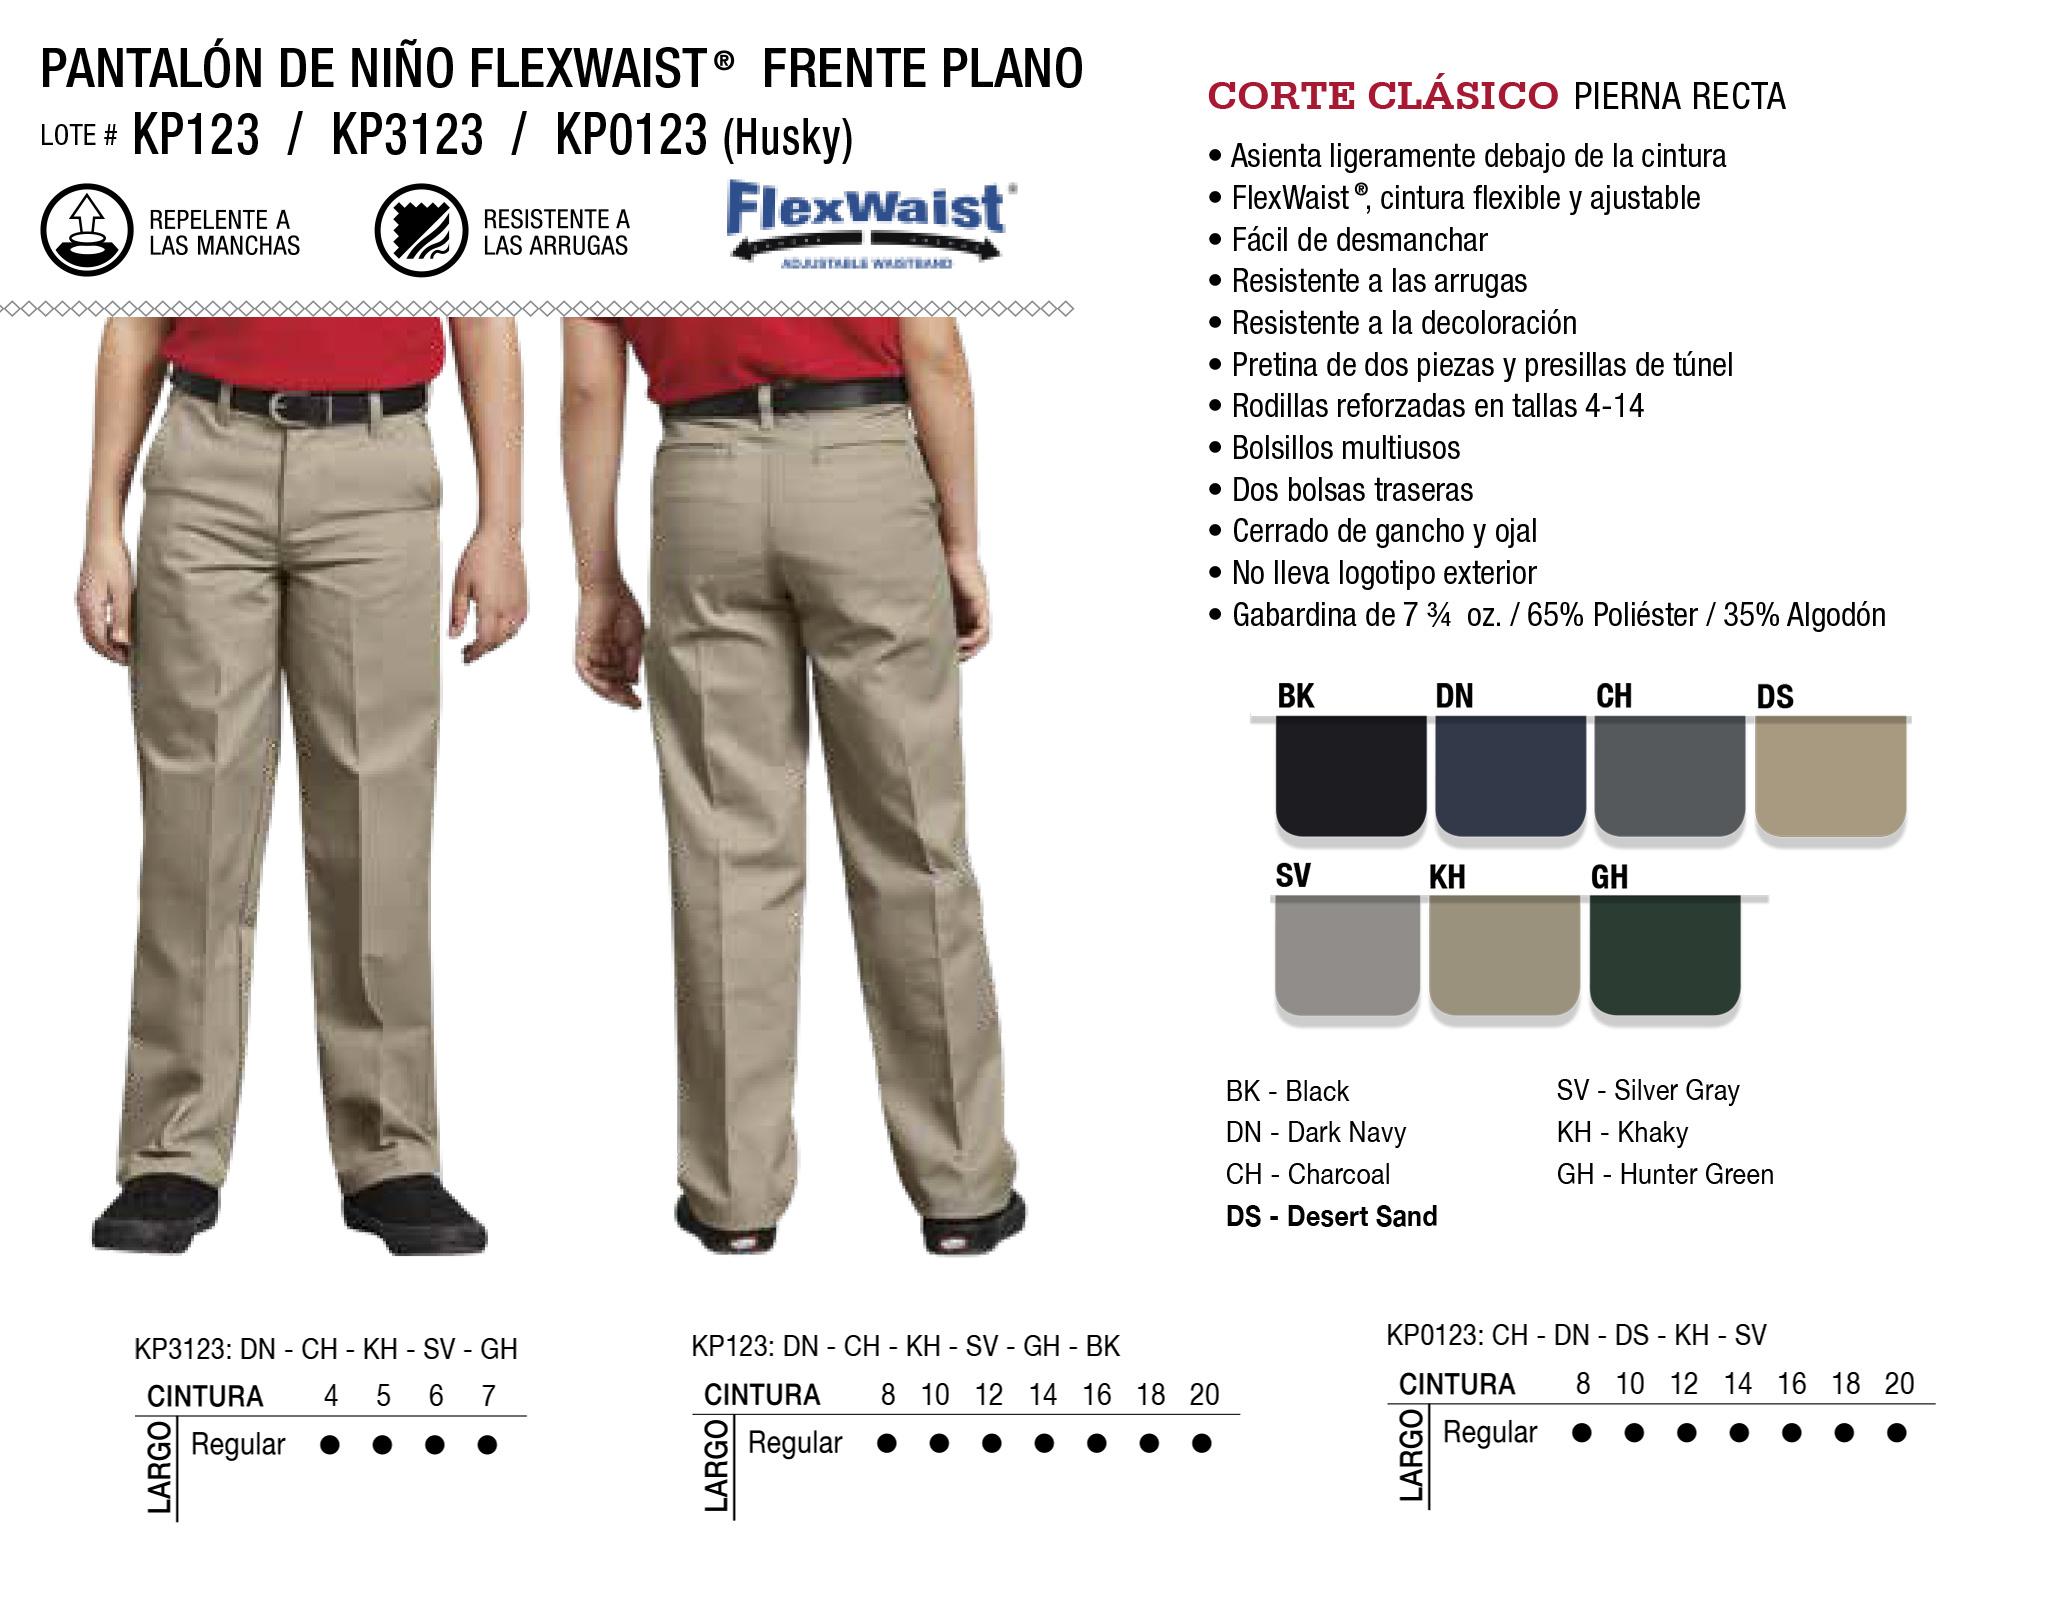 Pantalón de Niño Flexwaist. Corte Recto. KP123/KP3123/KP0123.